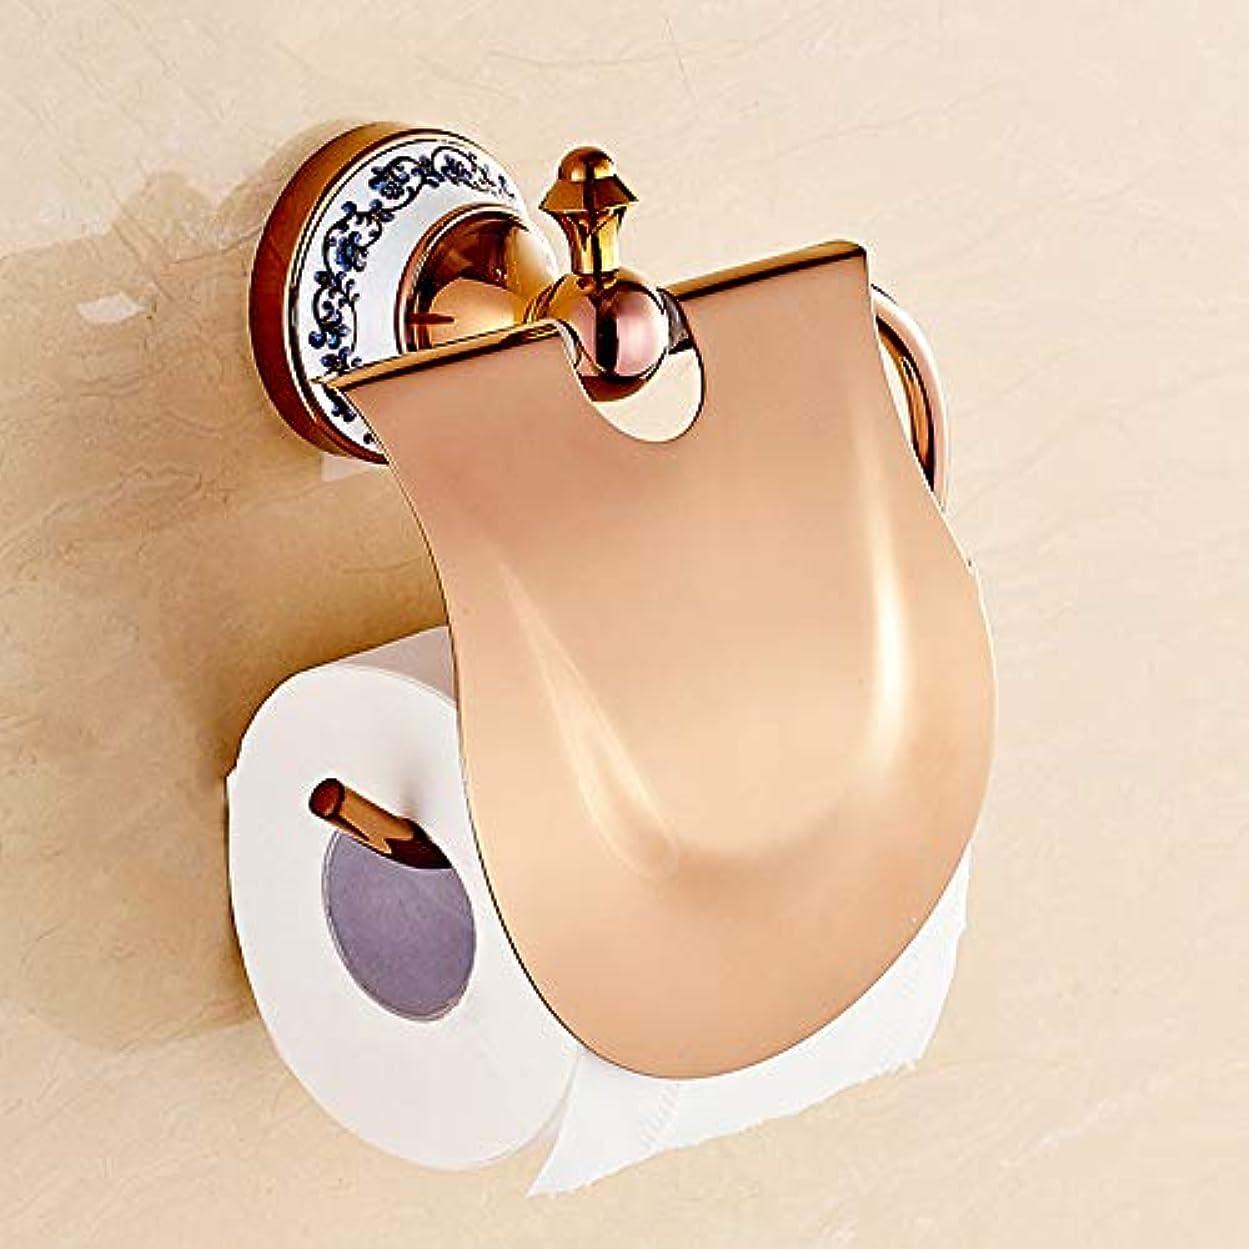 ZZLX 紙タオルホルダー、ヨーロピアンゴールド青と白の磁器浴室トイレットペーパーホルダーバスルームロールトレイ ロングハンドル風呂ブラシ (色 : ローズゴールド ろ゜ずご゜るど)